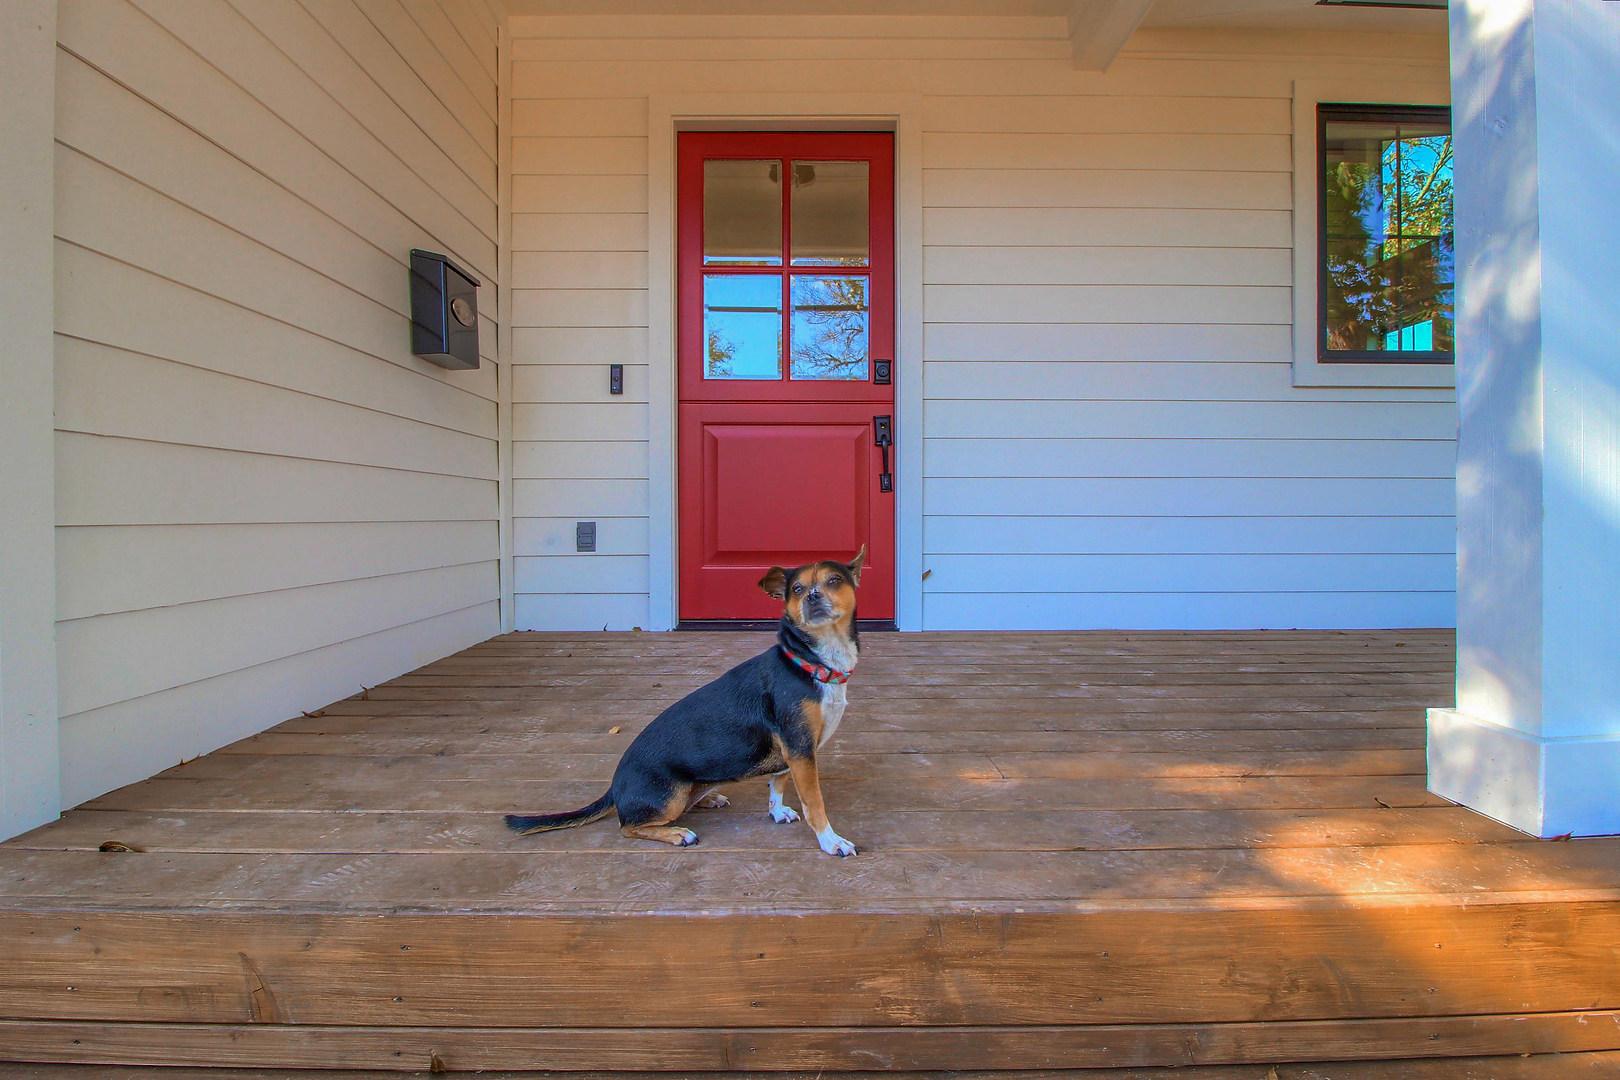 Home Renovation Accent Door on Bouldin in Austin, TX